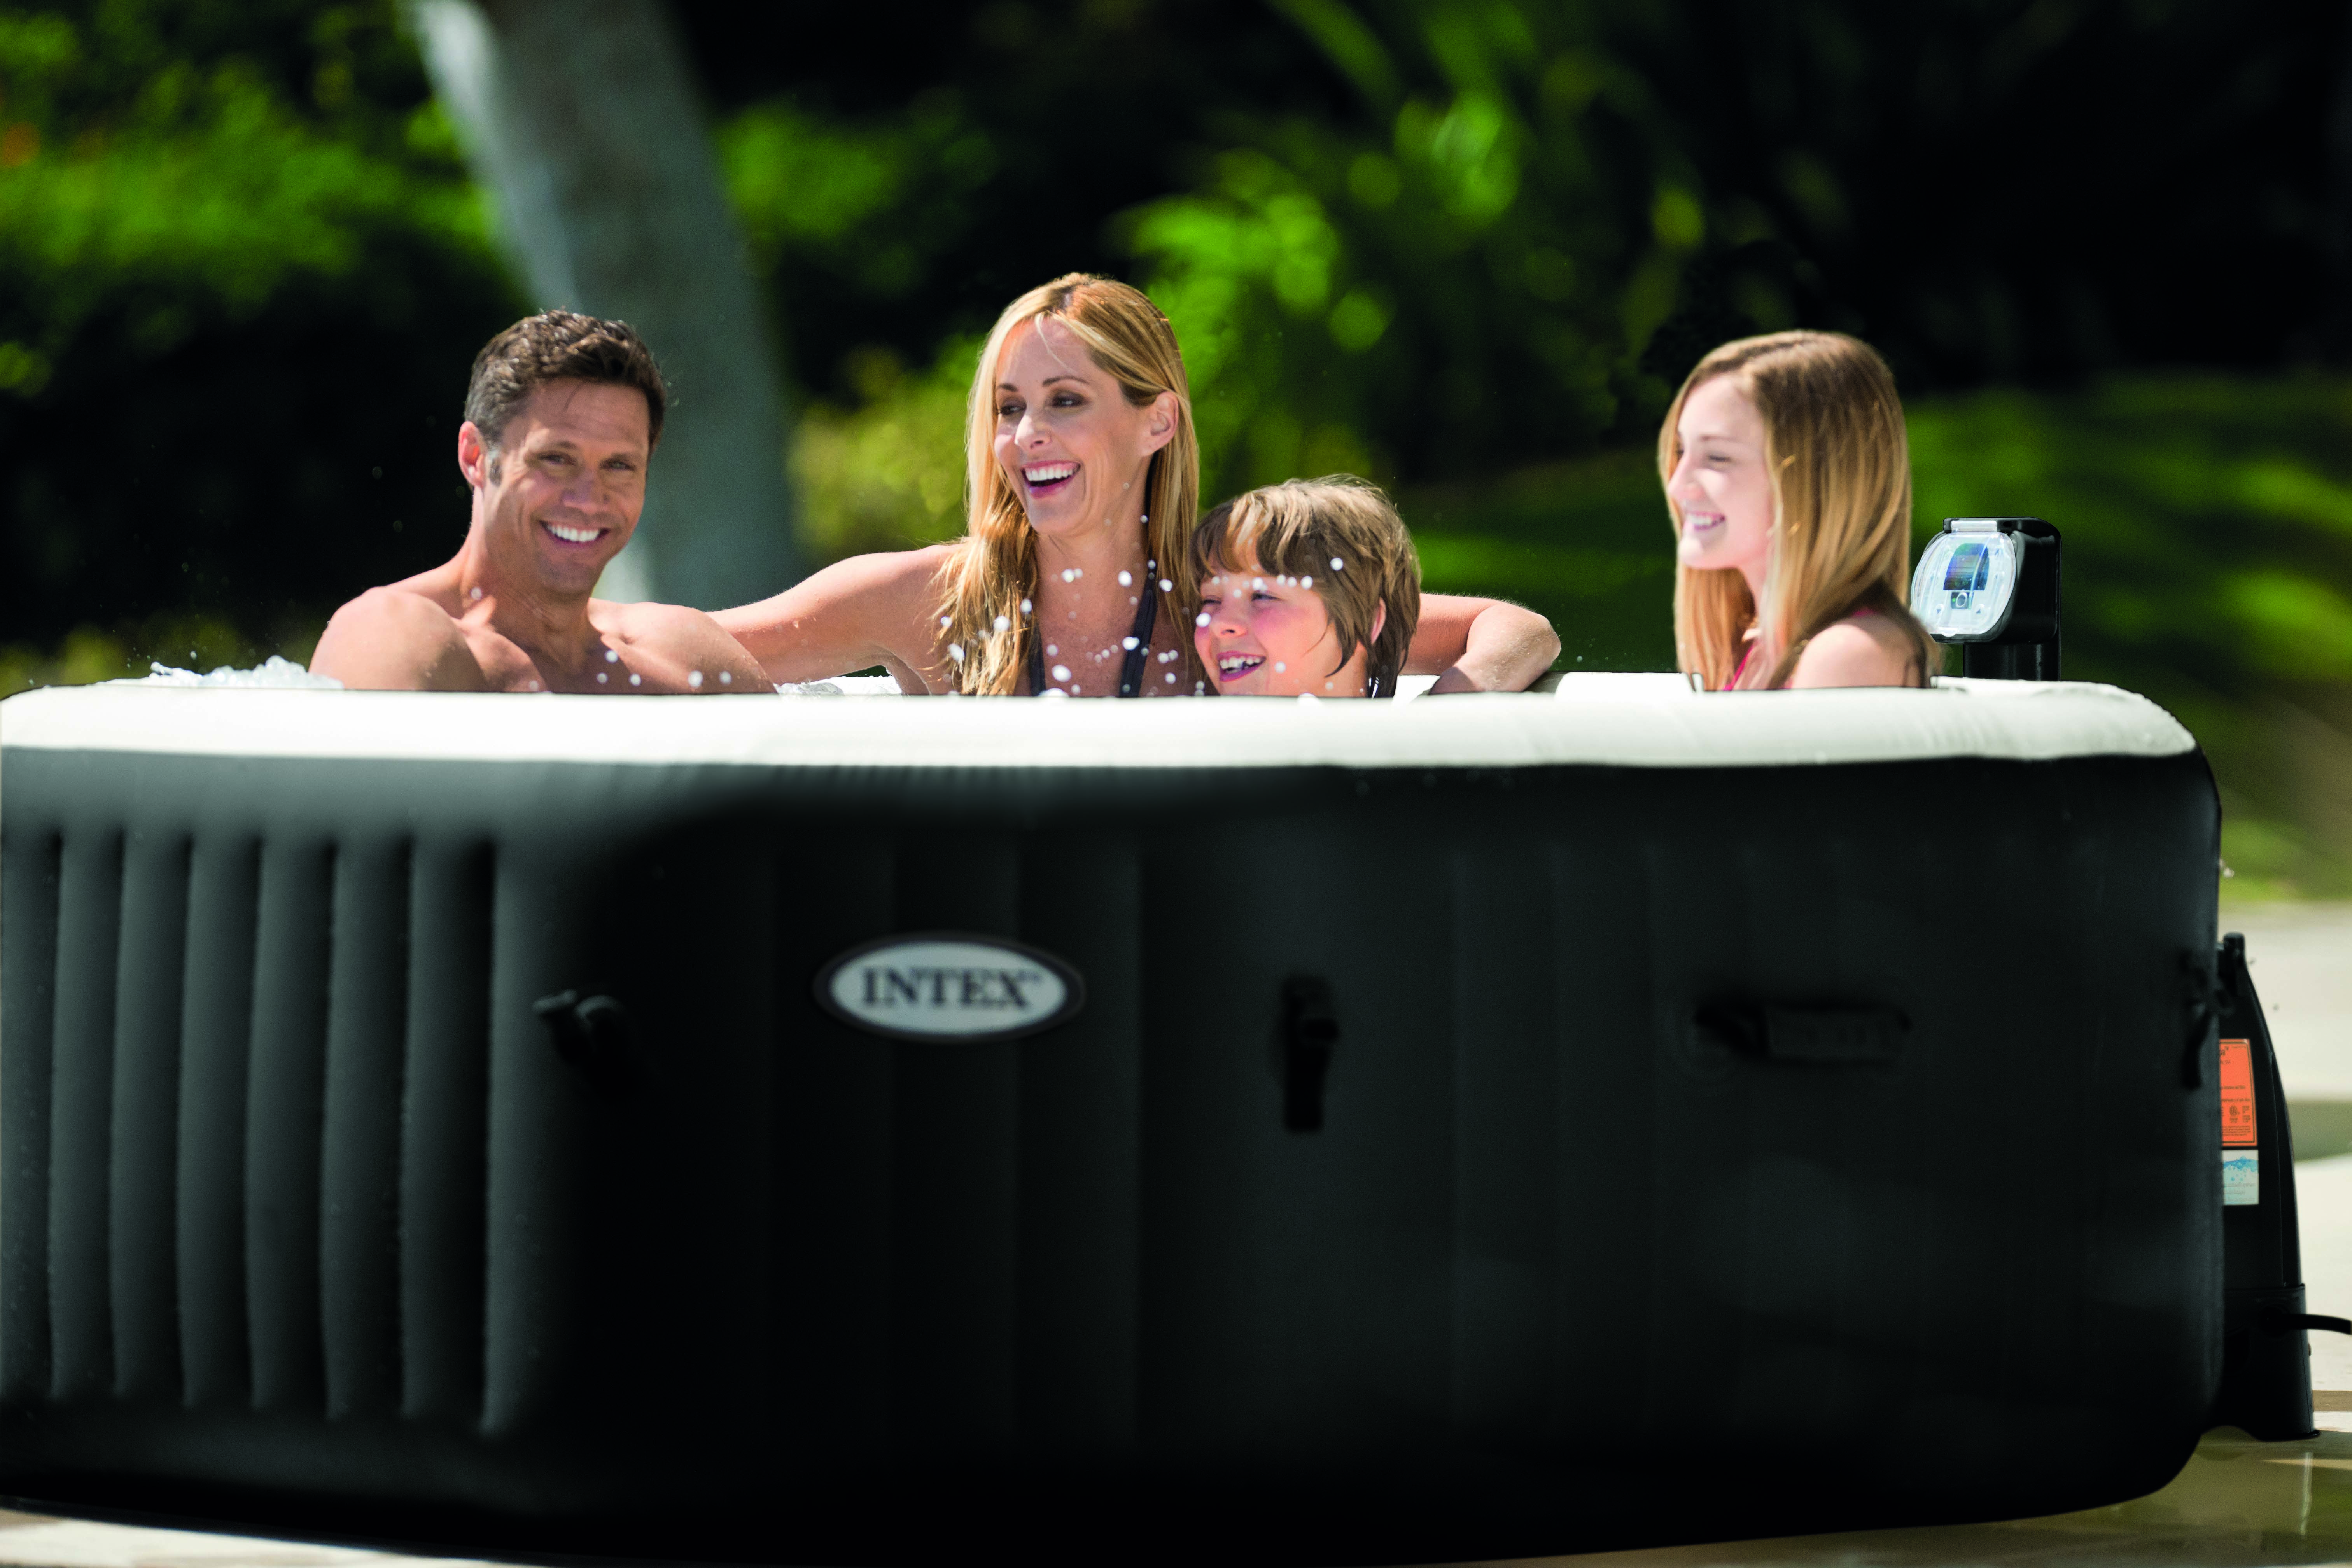 Pour un moment de détente en famille !!! Le spa PureSpa Intex octogonal à  bulles et jets pour accueillir jusqu à 4 personnes !  spa  gonflable  intex   jet ... 9678cbb41e20